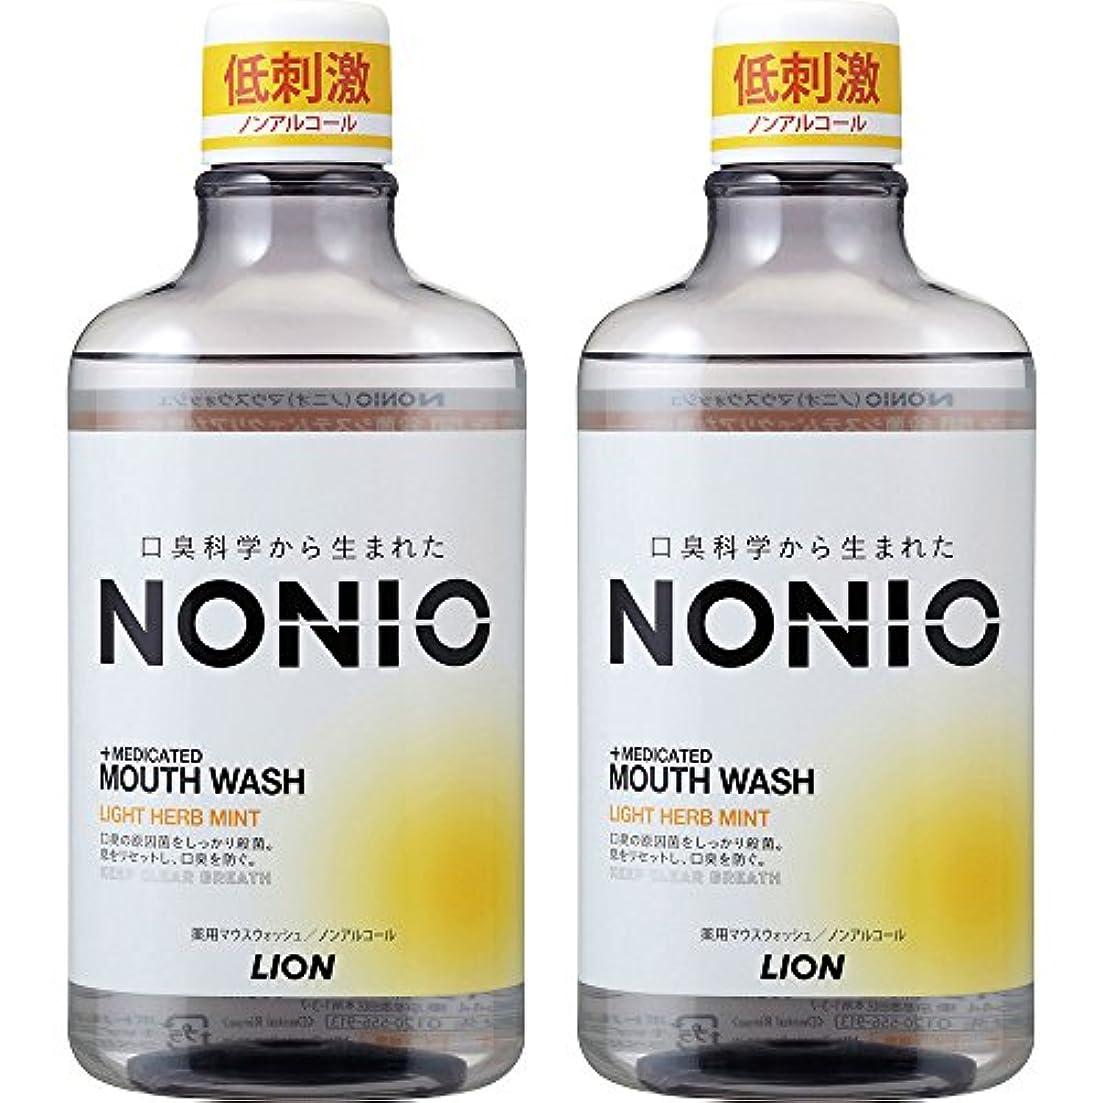 レーニン主義数推定[医薬部外品]NONIO マウスウォッシュ ノンアルコール ライトハーブミント 600ml×2個 洗口液